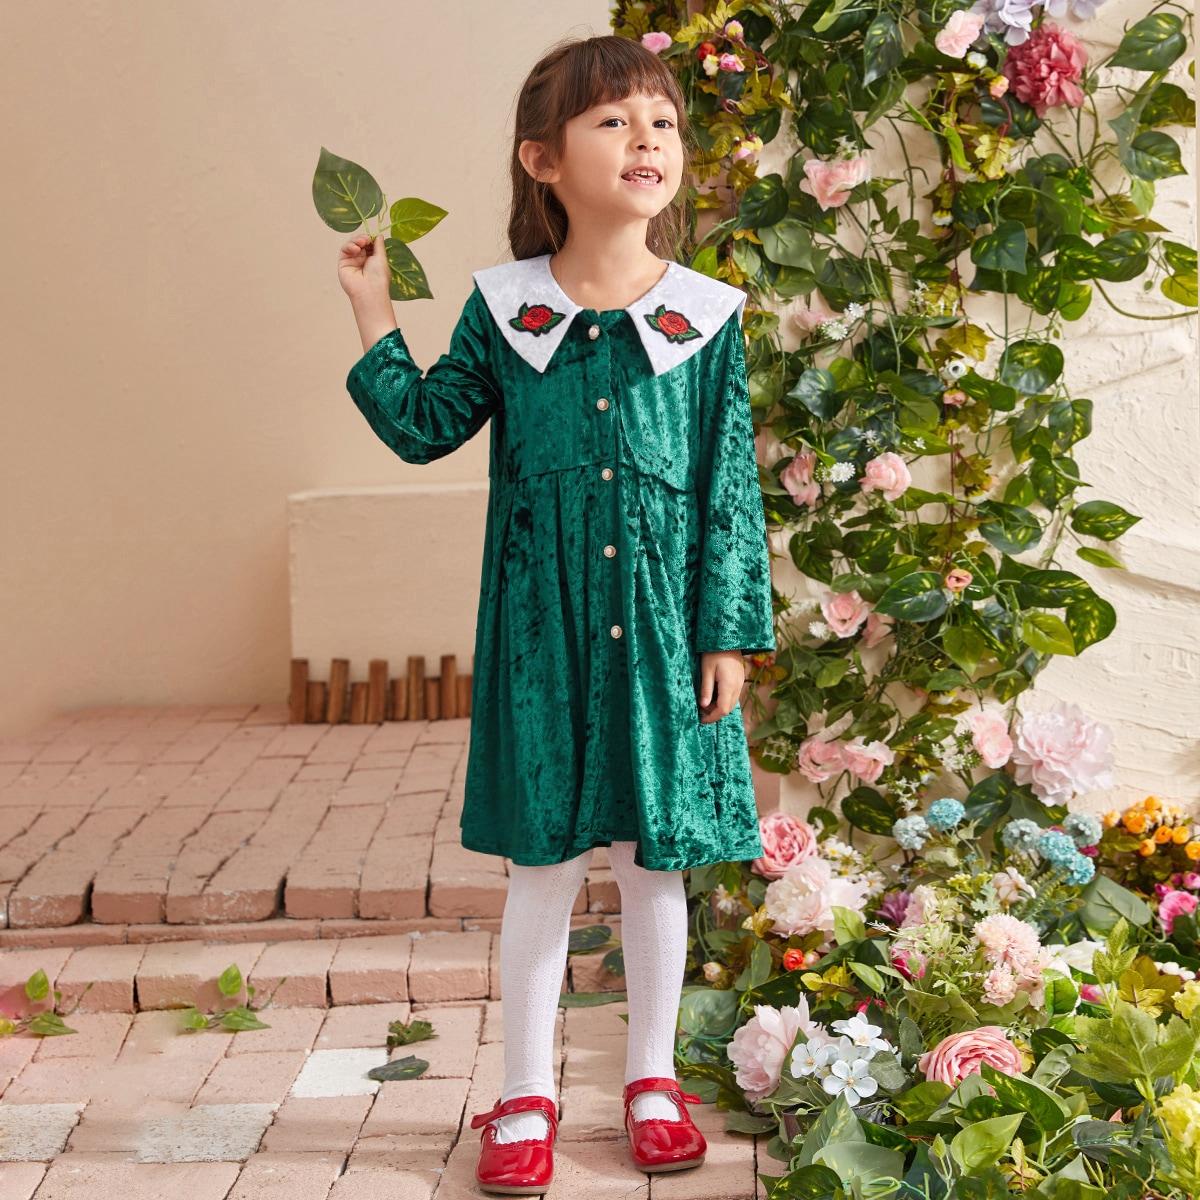 С вышивкой цветочный принт институтский платья для девочек